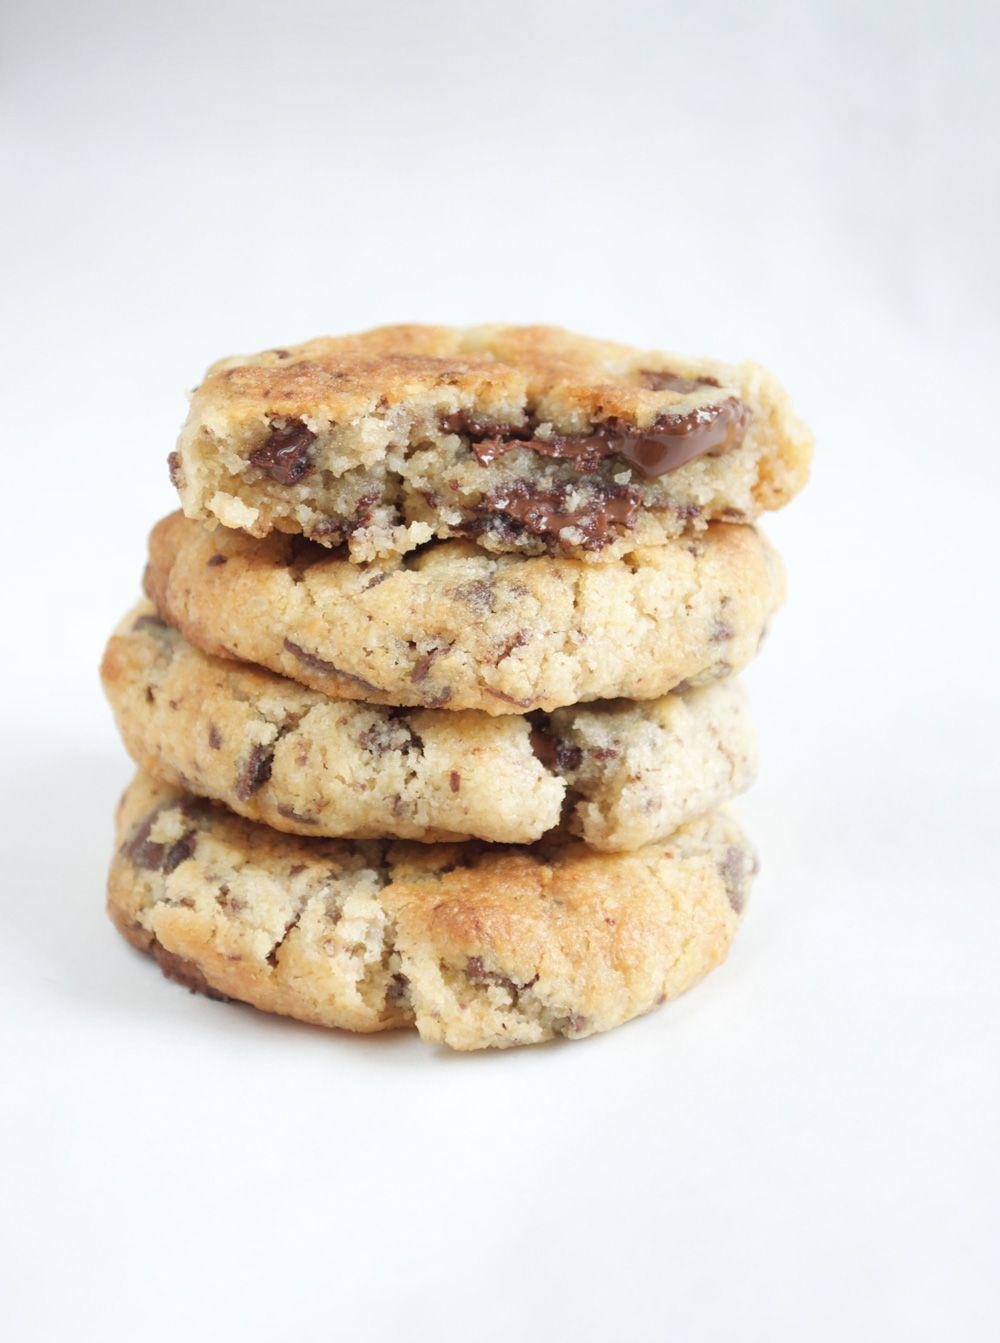 Des cookies aux p pites de chocolat un r sultat gourmand - Cuisinez gourmand sans gluten sans lait sans oeufs ...